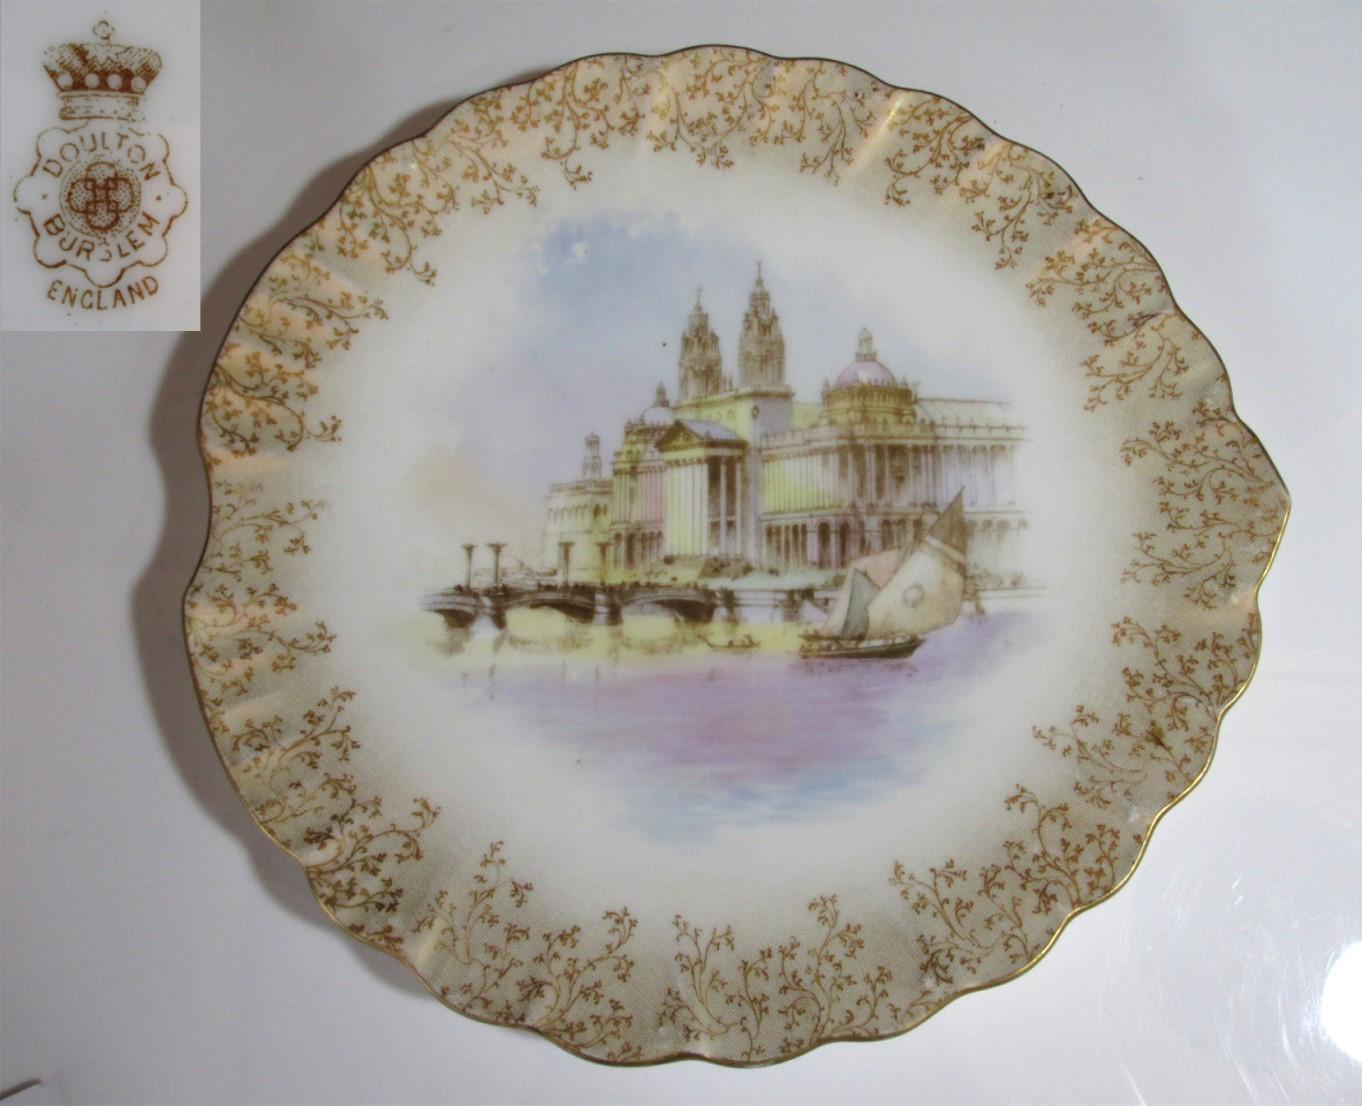 【19世紀英国アンティーク】ドルトン 大聖堂の絵皿